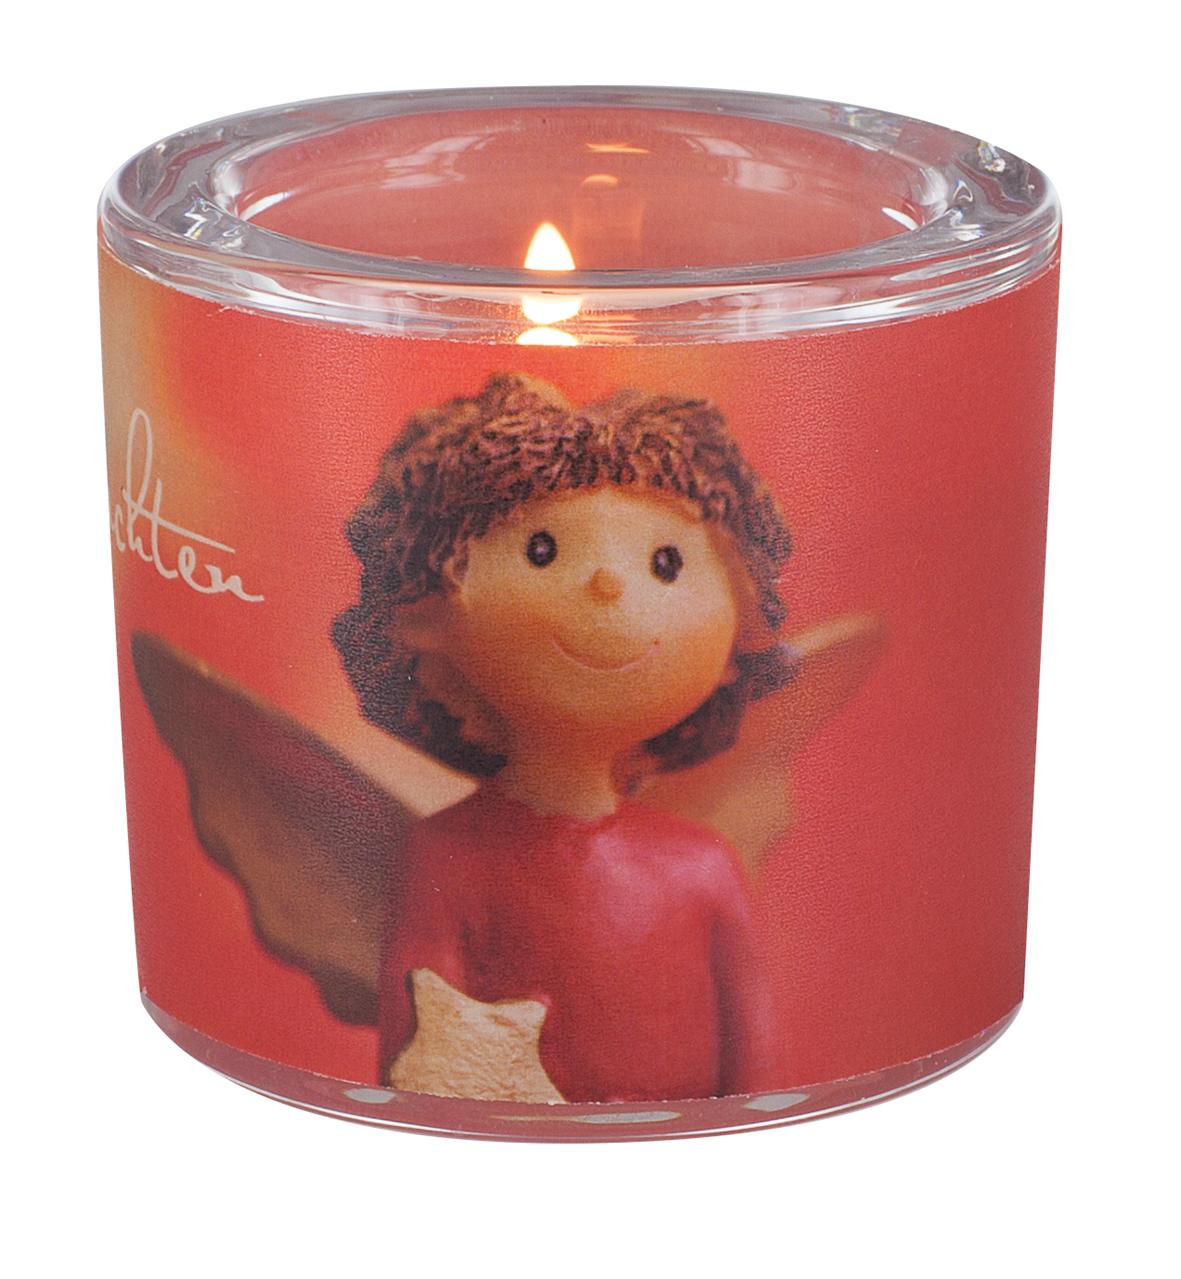 Kerzenhalter Weihnachten.Glaswindlicht Frohe Weihnachten Teelicht Kerzenhalter Glas Für Windlicht